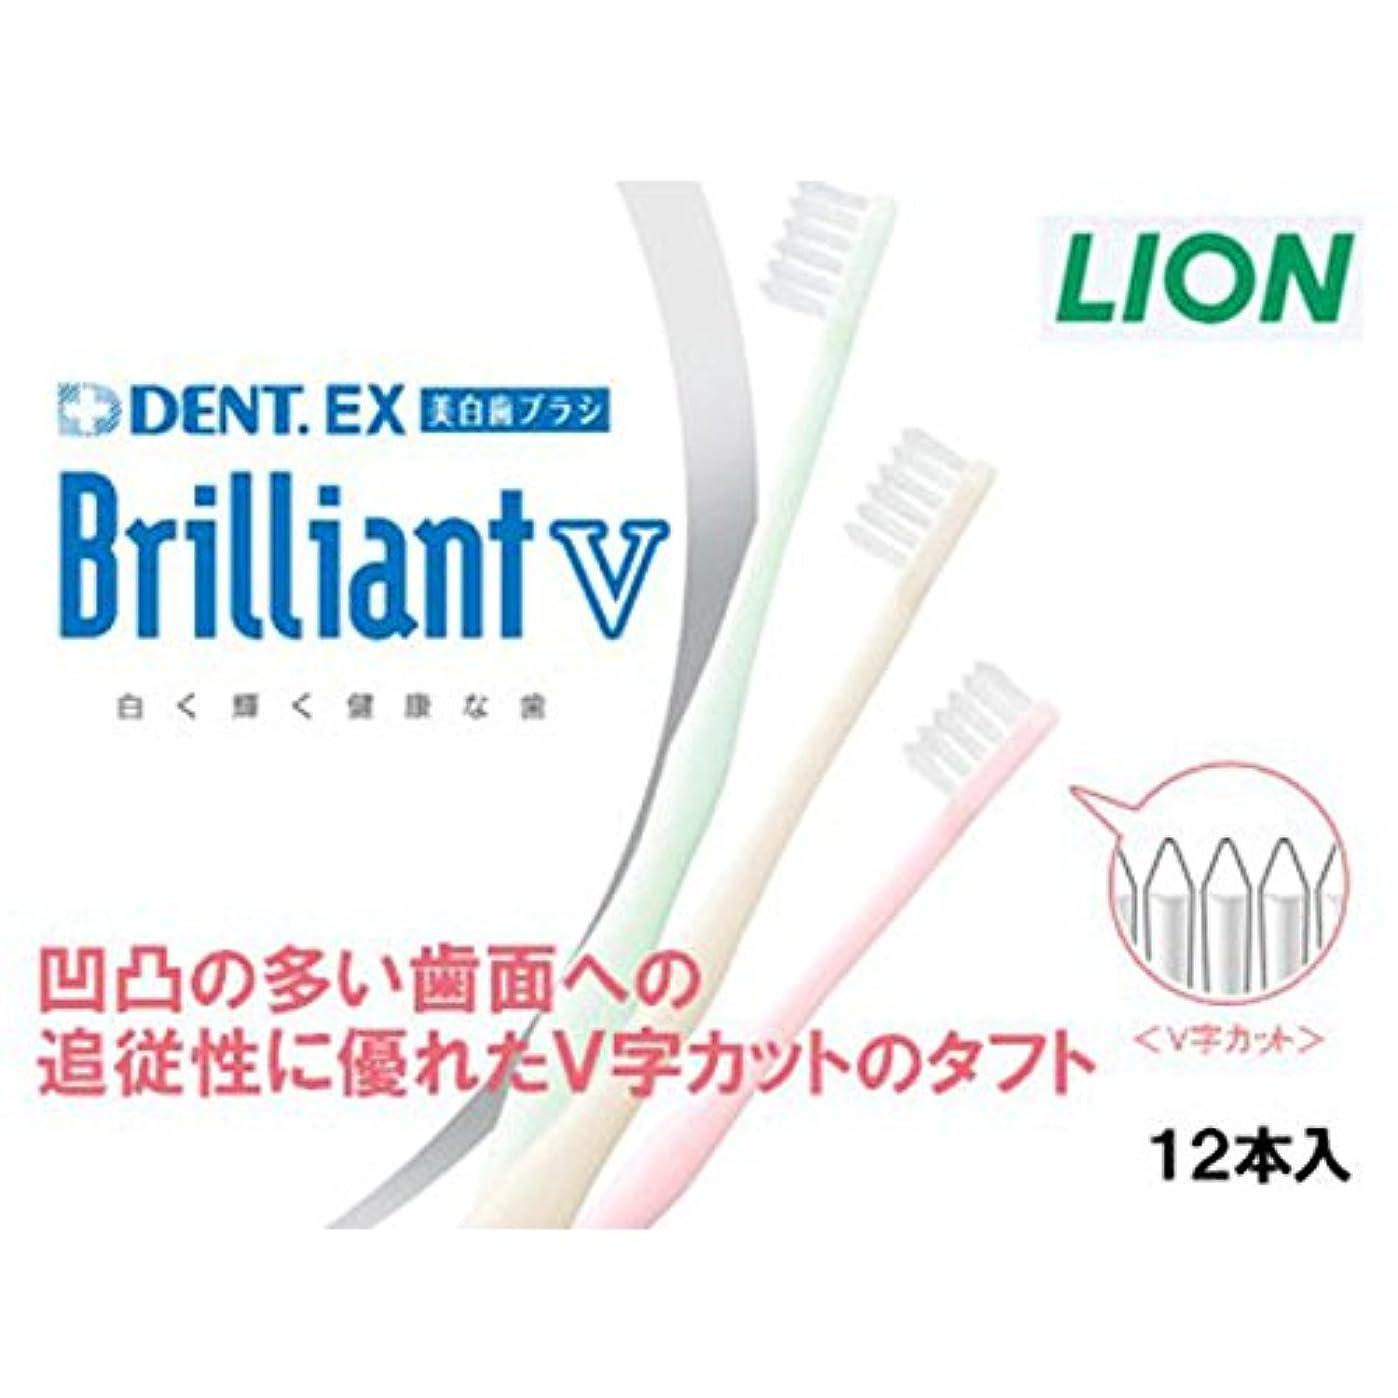 アークアウトドア写真撮影ライオン ブリリアントV 歯ブラシ DENT.EX BrilliantV 12本